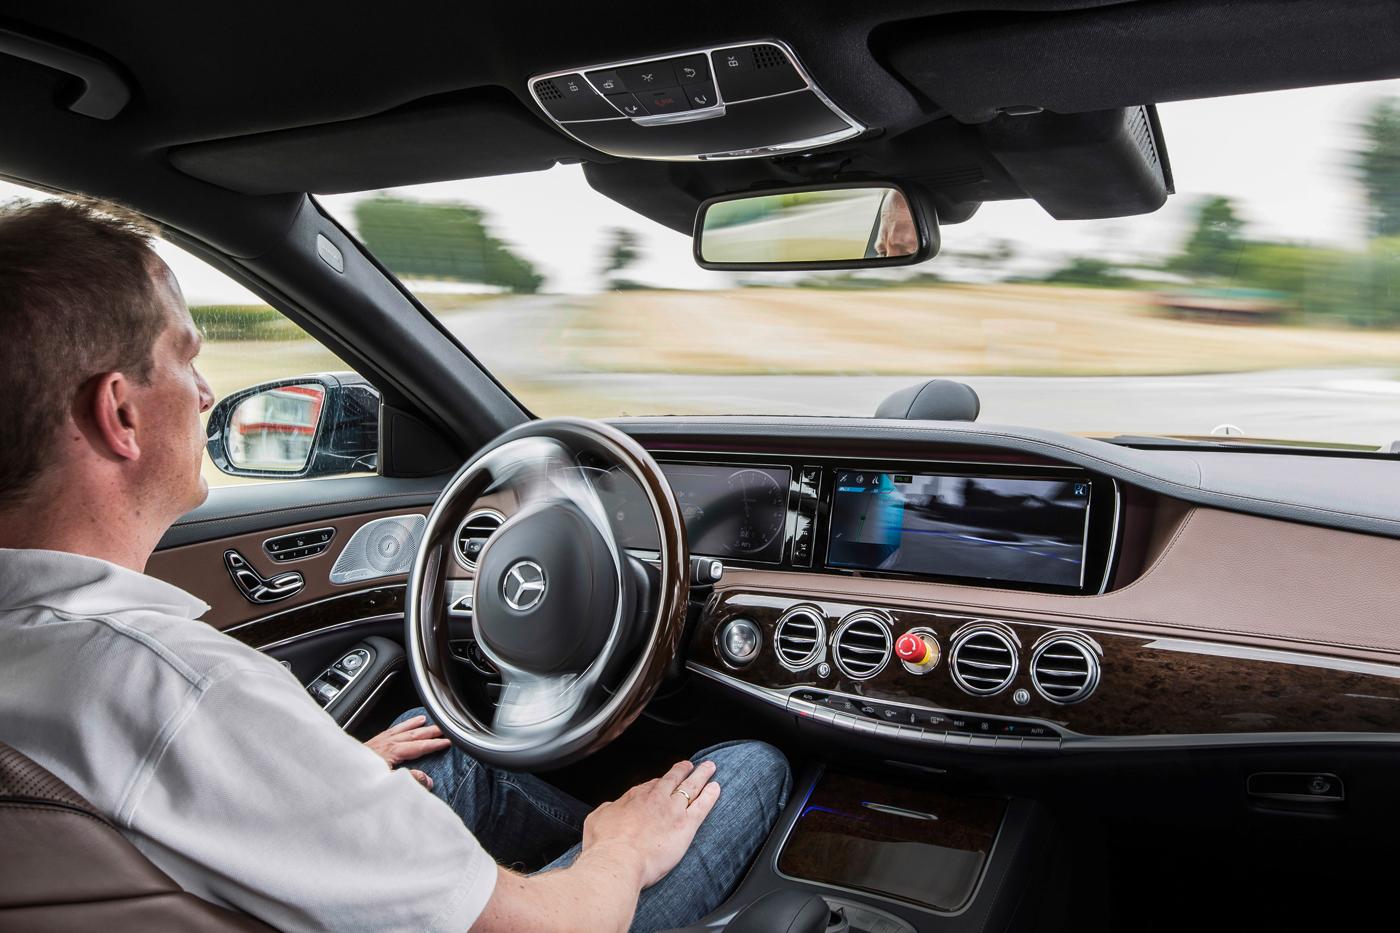 A Mercedes-Benz self-driving car prototype.